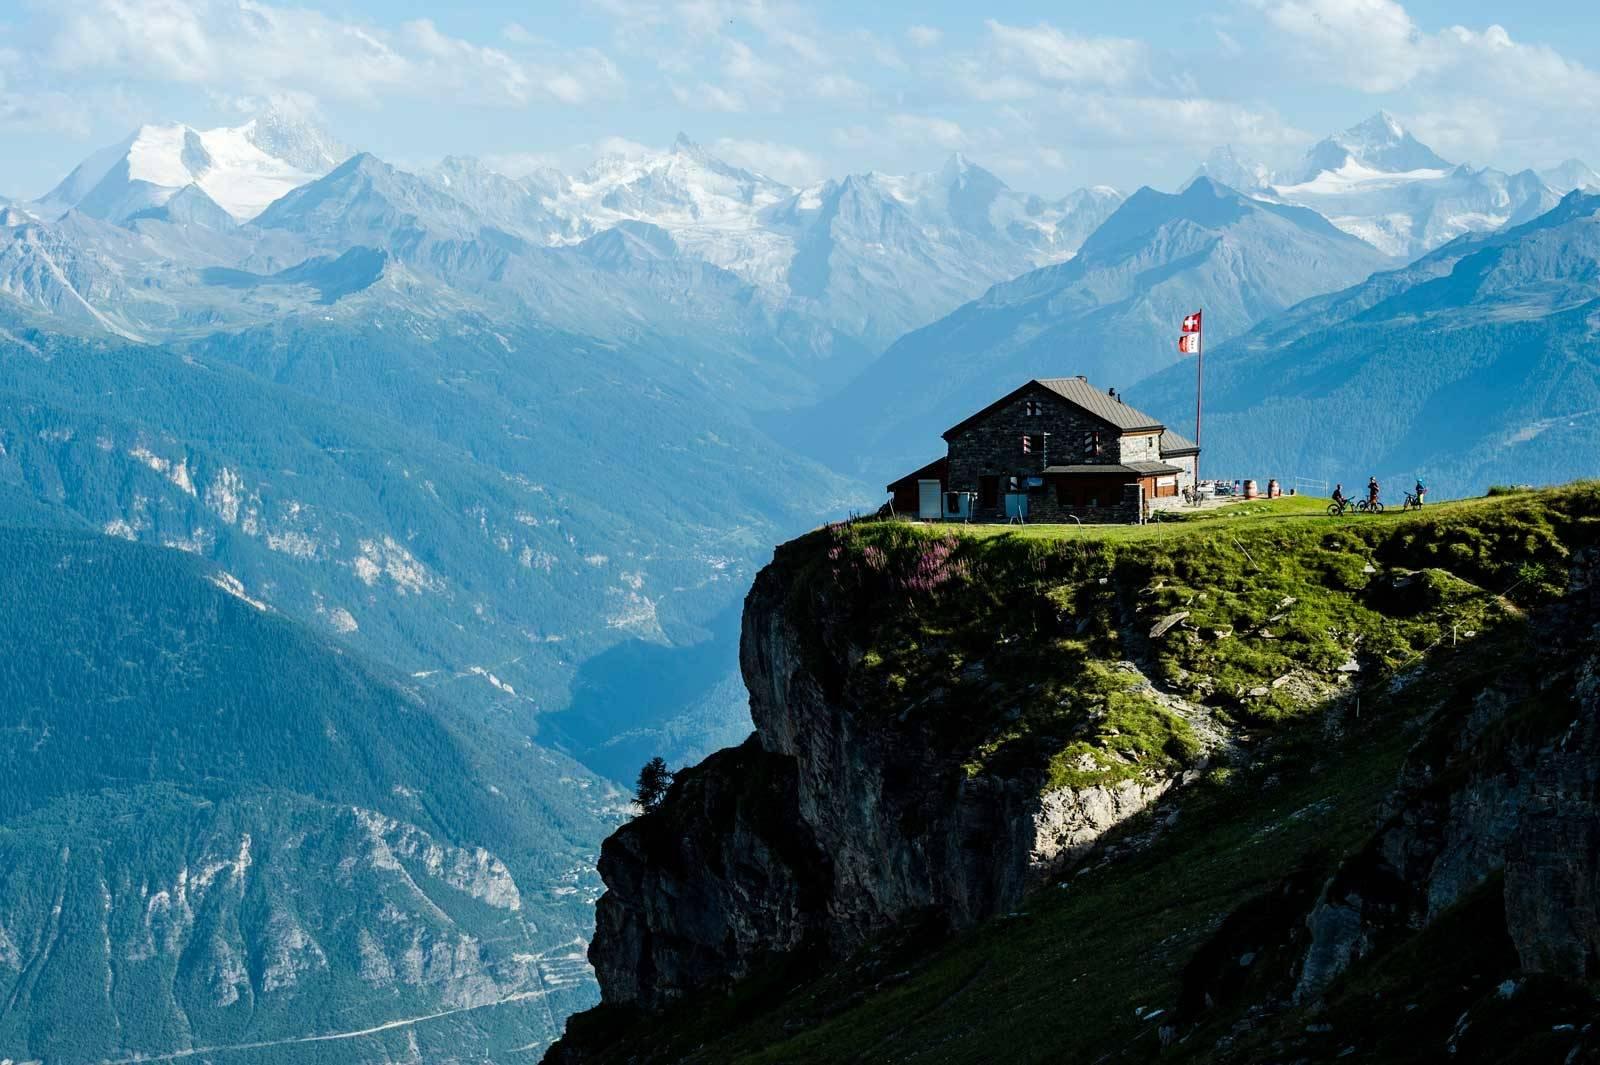 Stisykling-i-Sveits-6